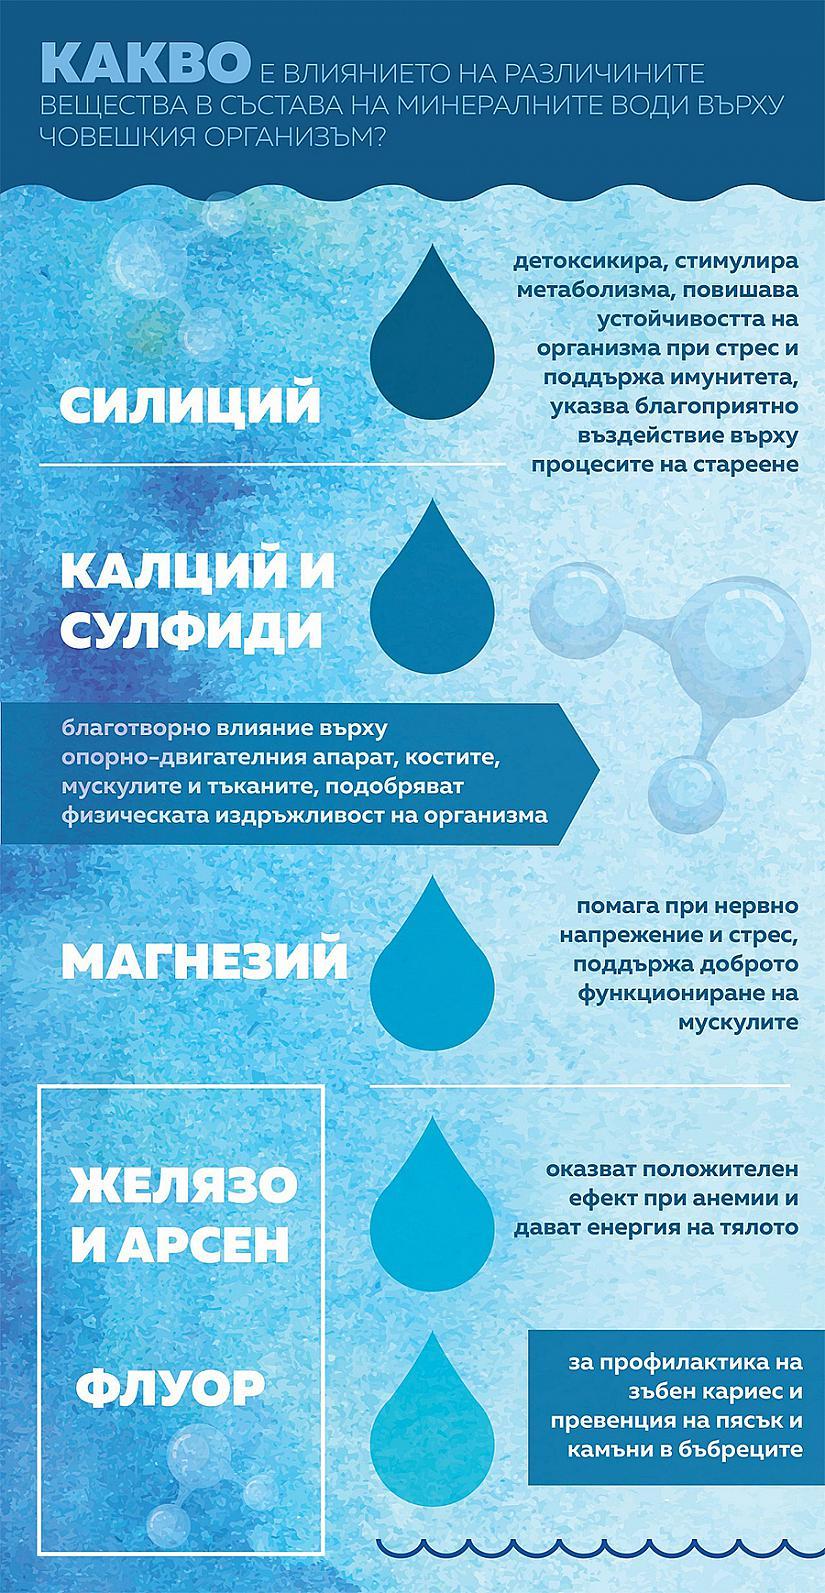 Състав на минералните води